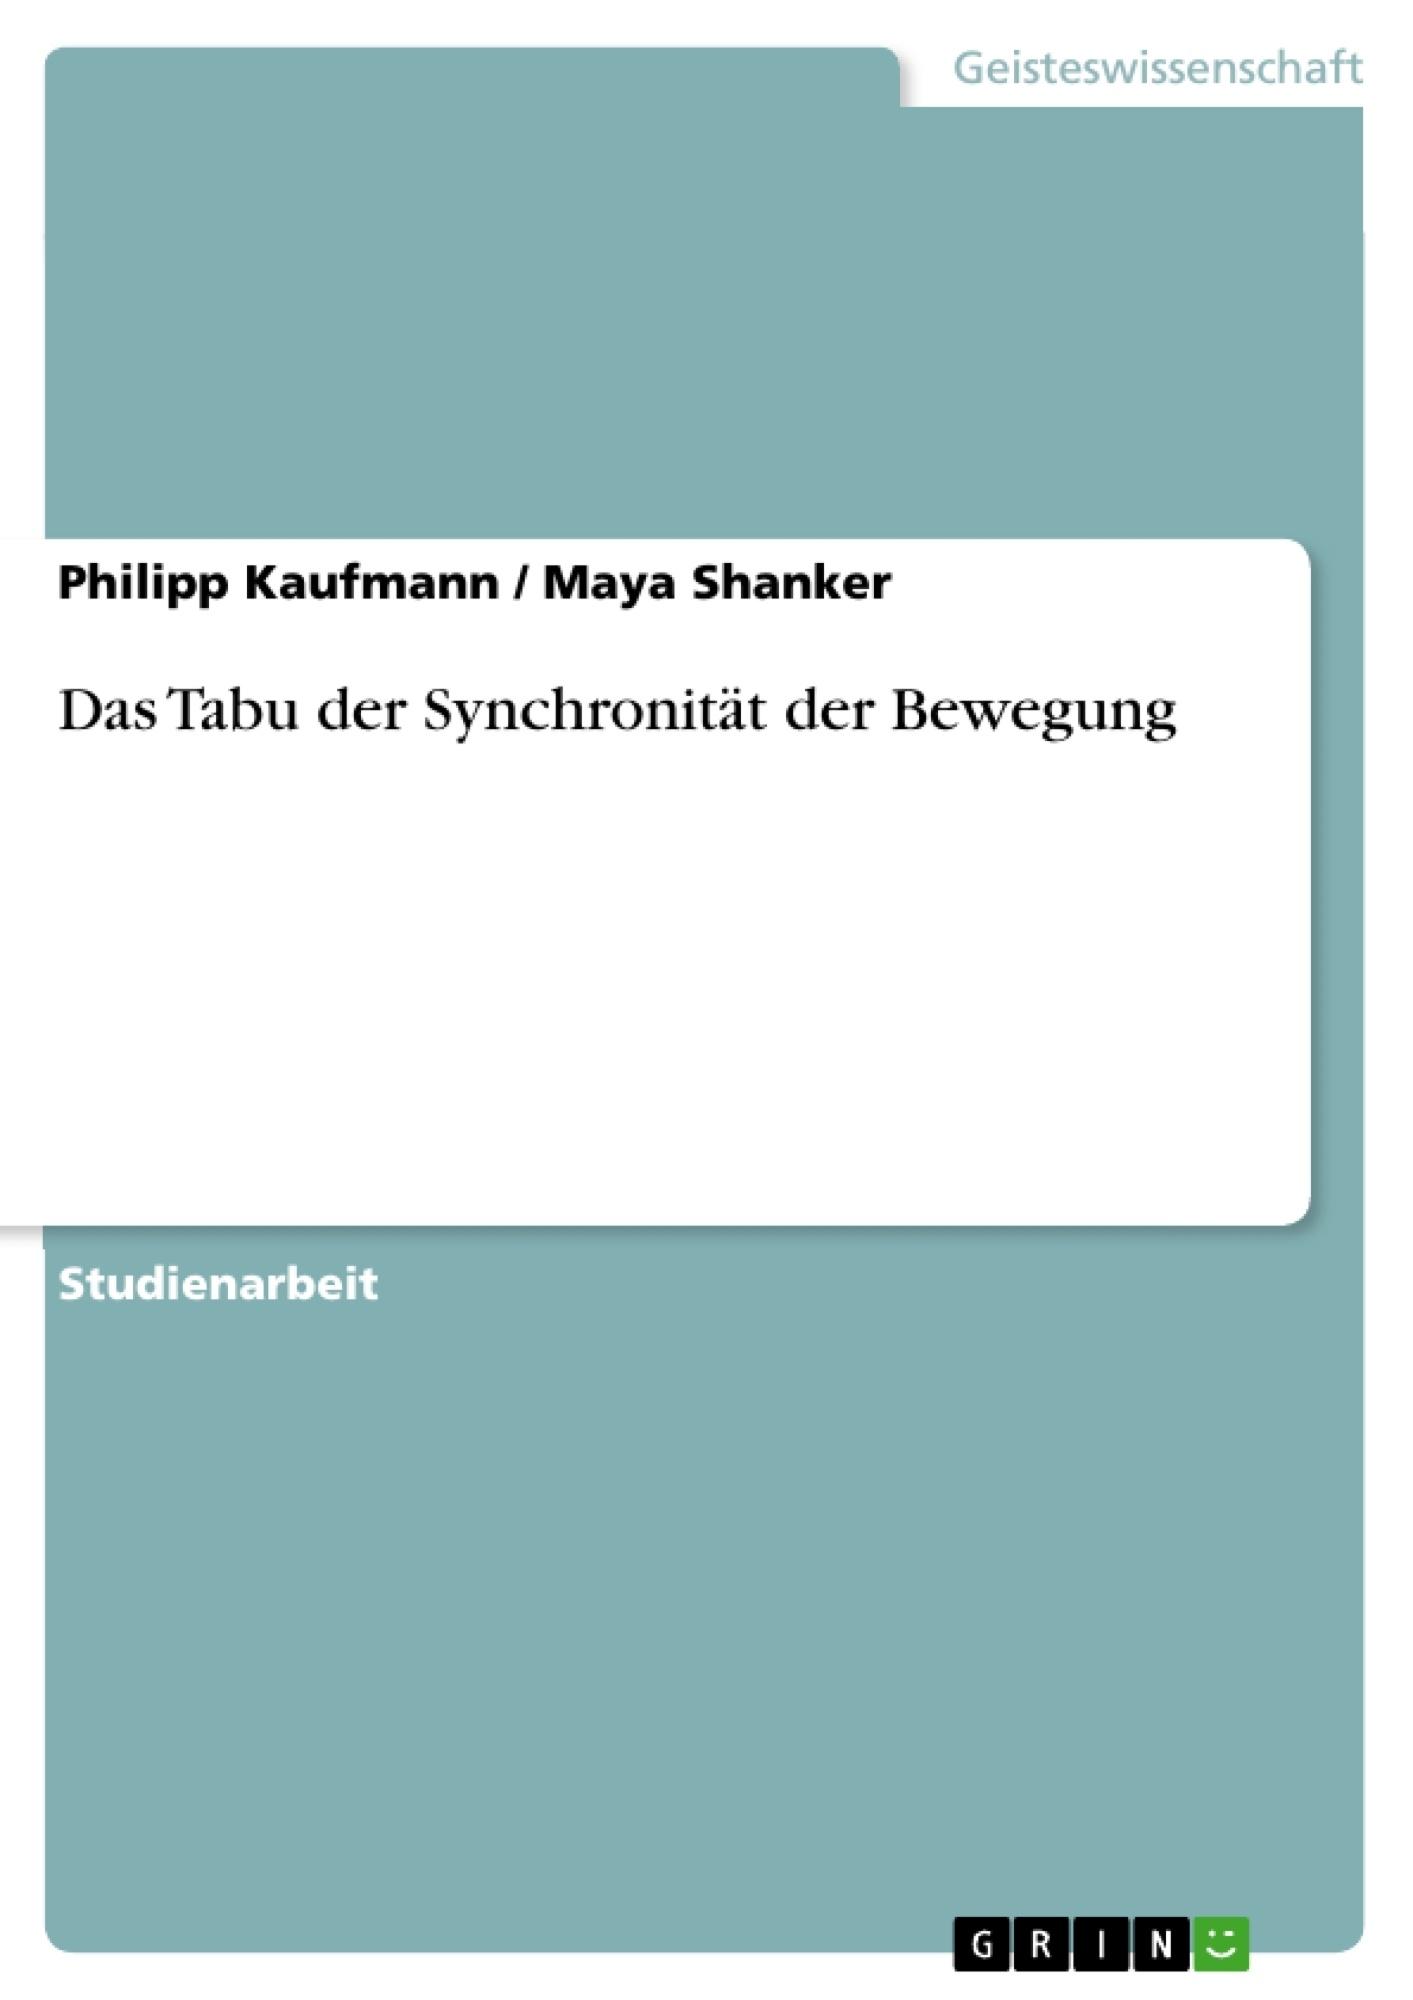 Titel: Das Tabu der Synchronität der Bewegung